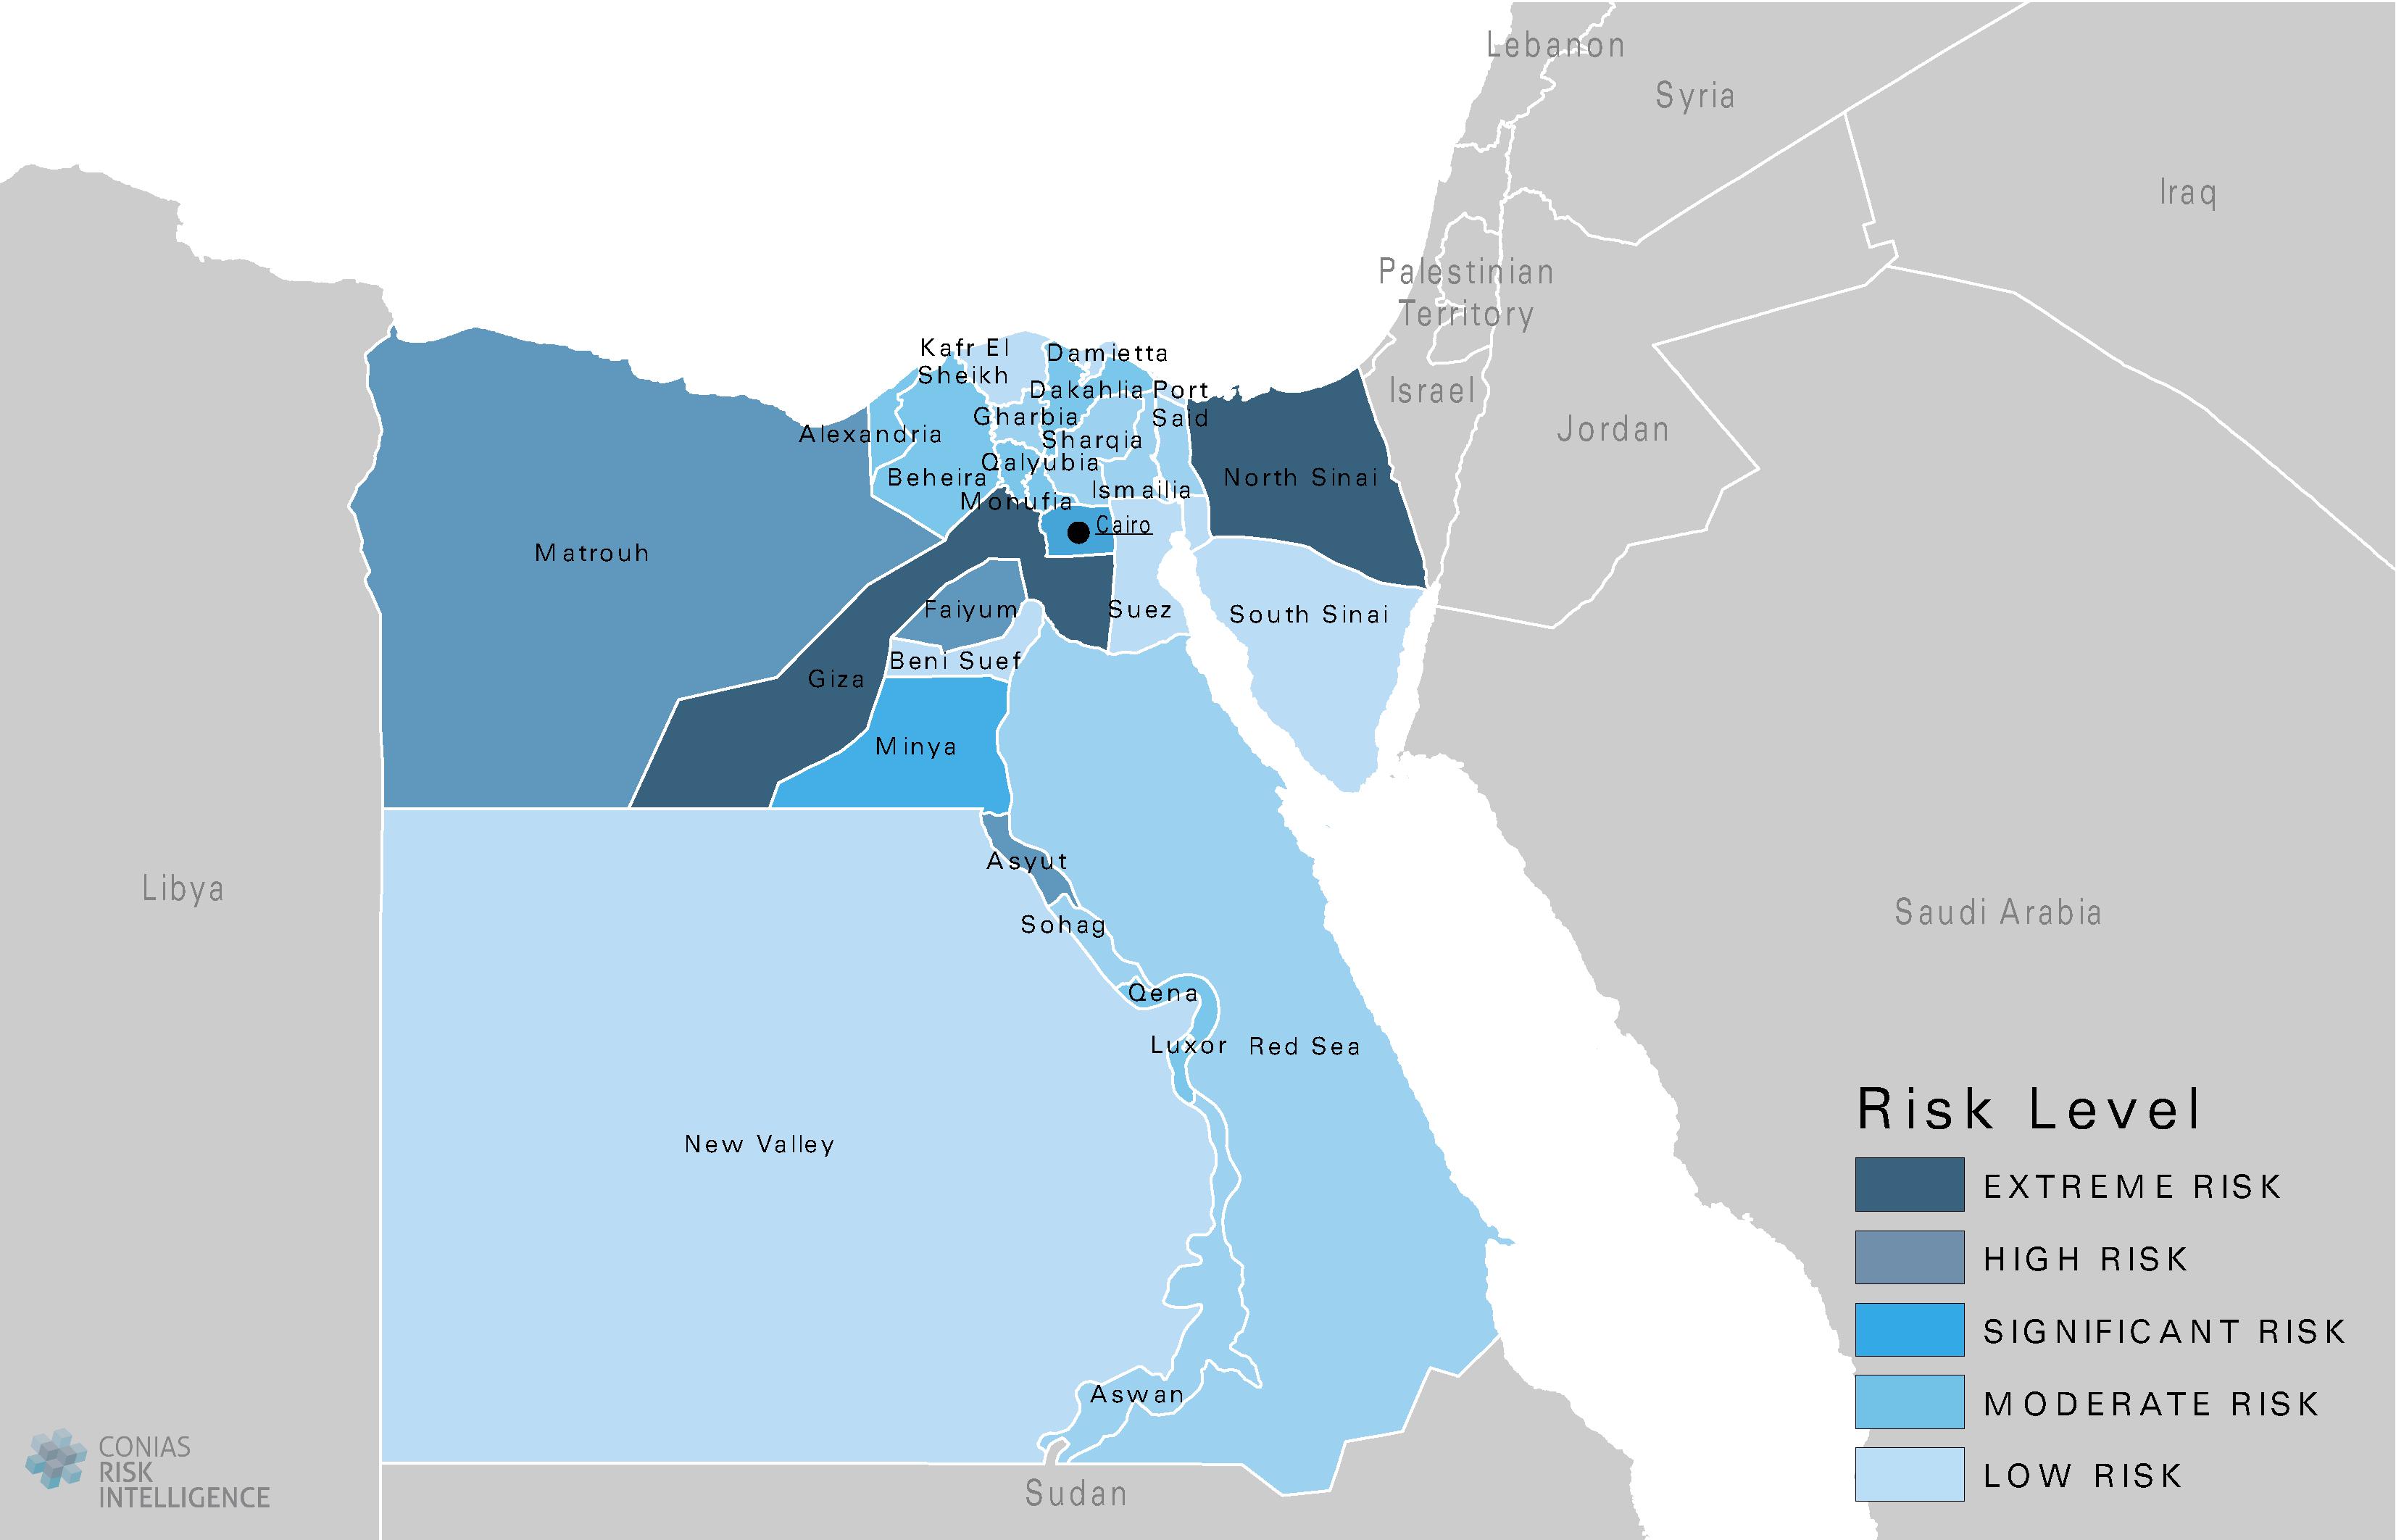 CONIAS Political Risk Maps Ägypten